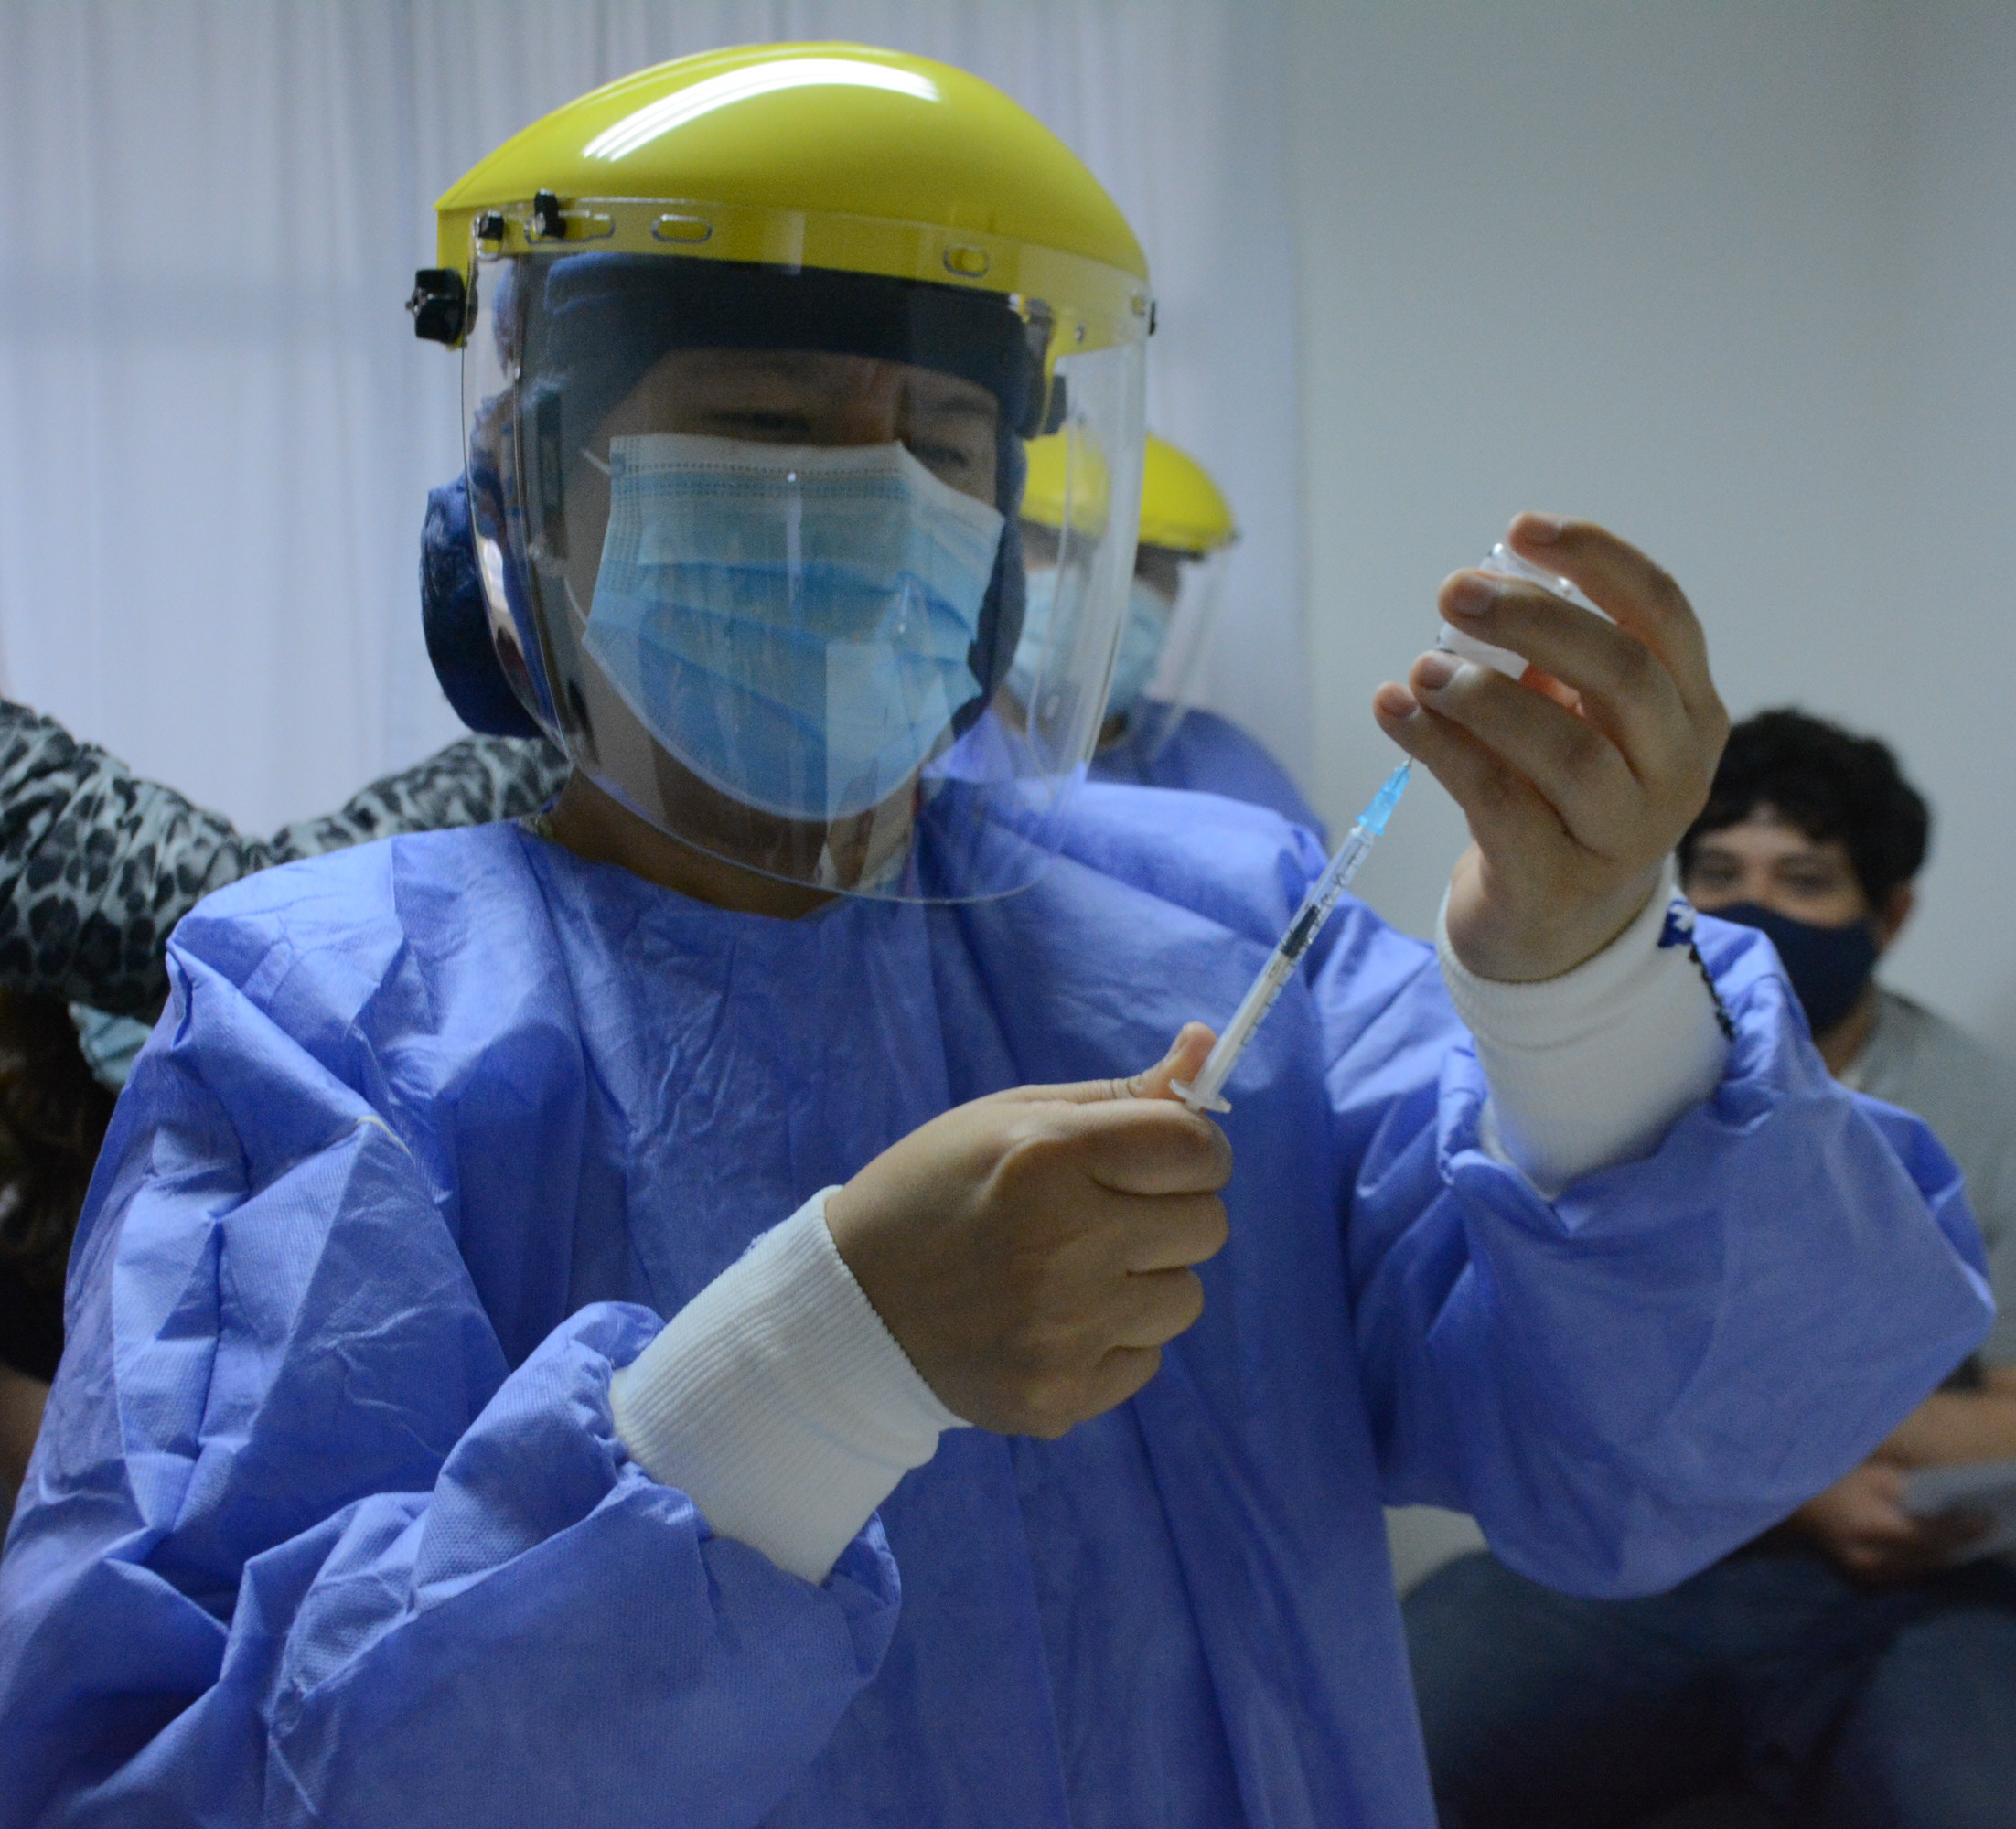 Los tiempos para aplicar la vacuna se respetaron en todos los hospitales. FOTO: JOSÉ SILVA/LA OPINIÓN AUSTRAL